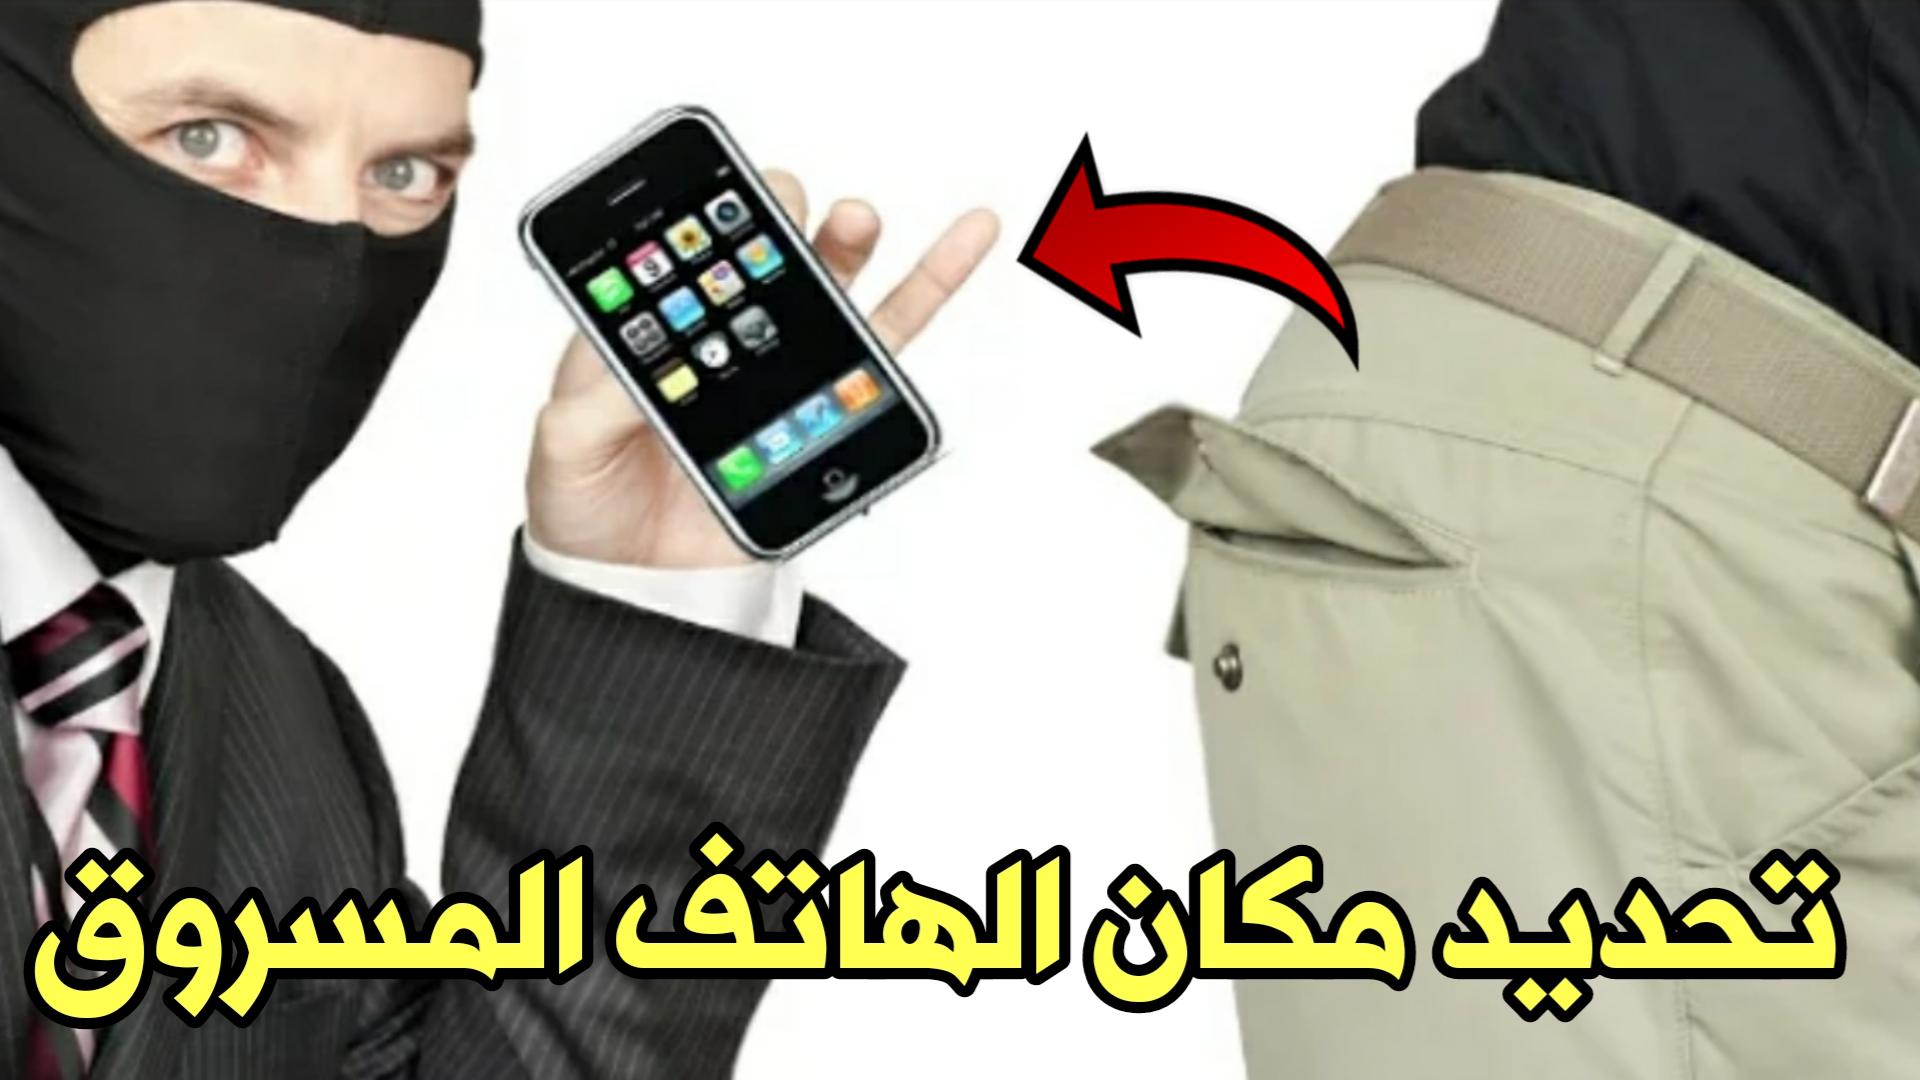 لن يسرق هاتفك بعد تثبيت هذا التطبيق ! تحديد موقع الهاتف المسروق بدقة عالية !